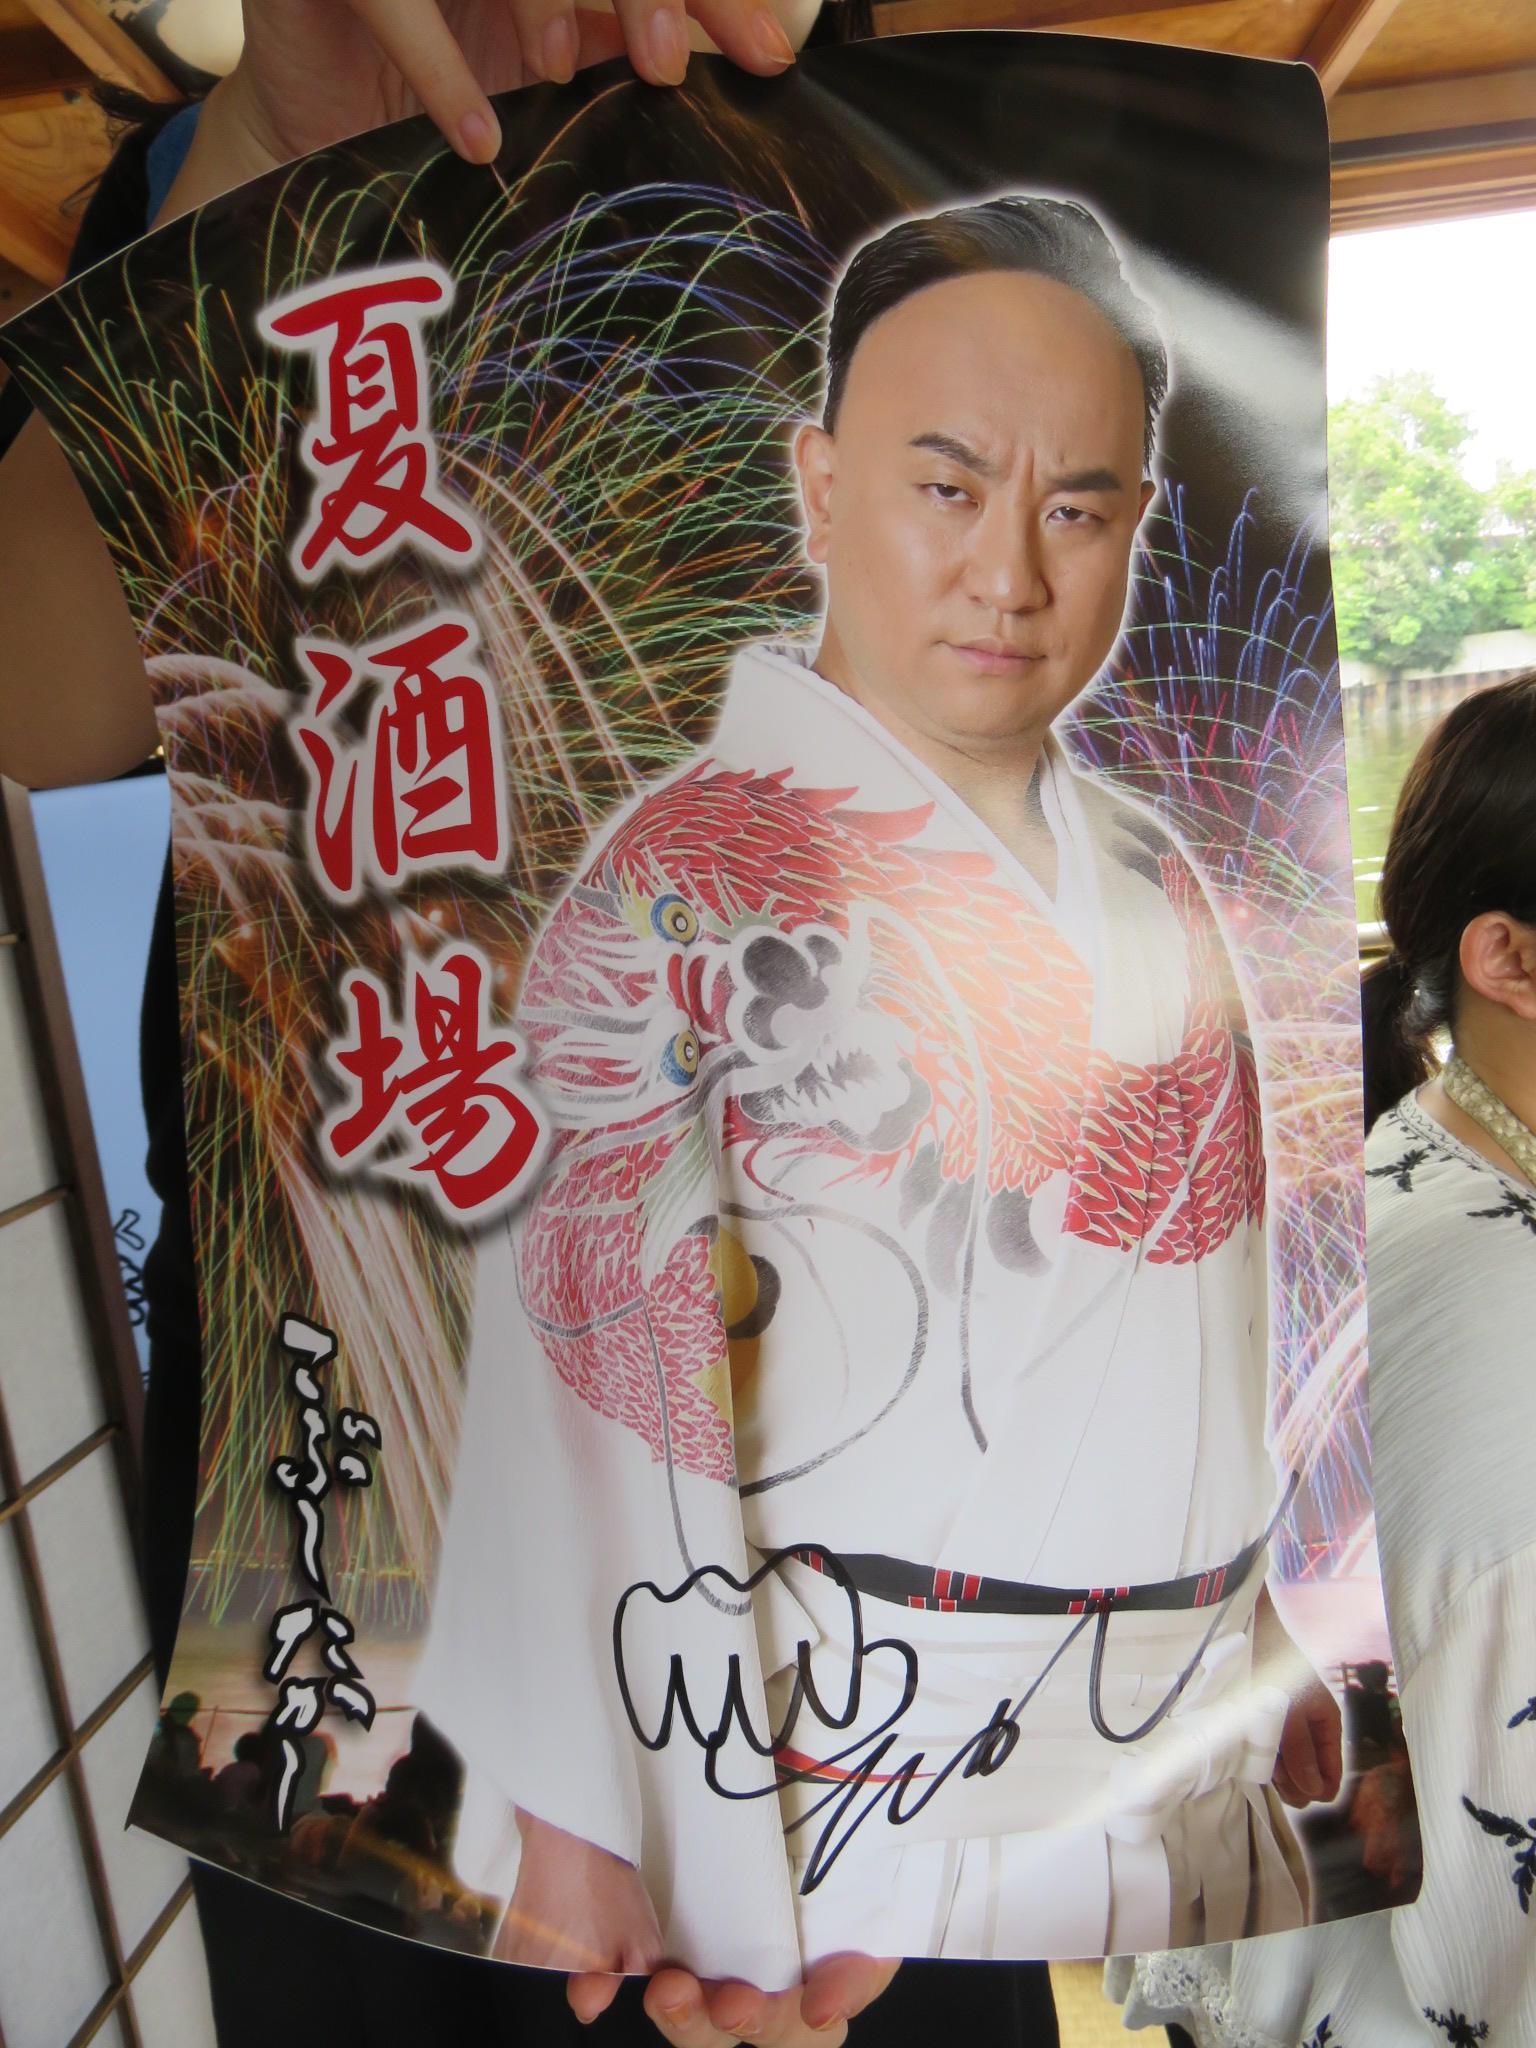 http://news.yoshimoto.co.jp/20170807124953-630815c4fc315ddf76d2c968b922586d86cd954e.jpg